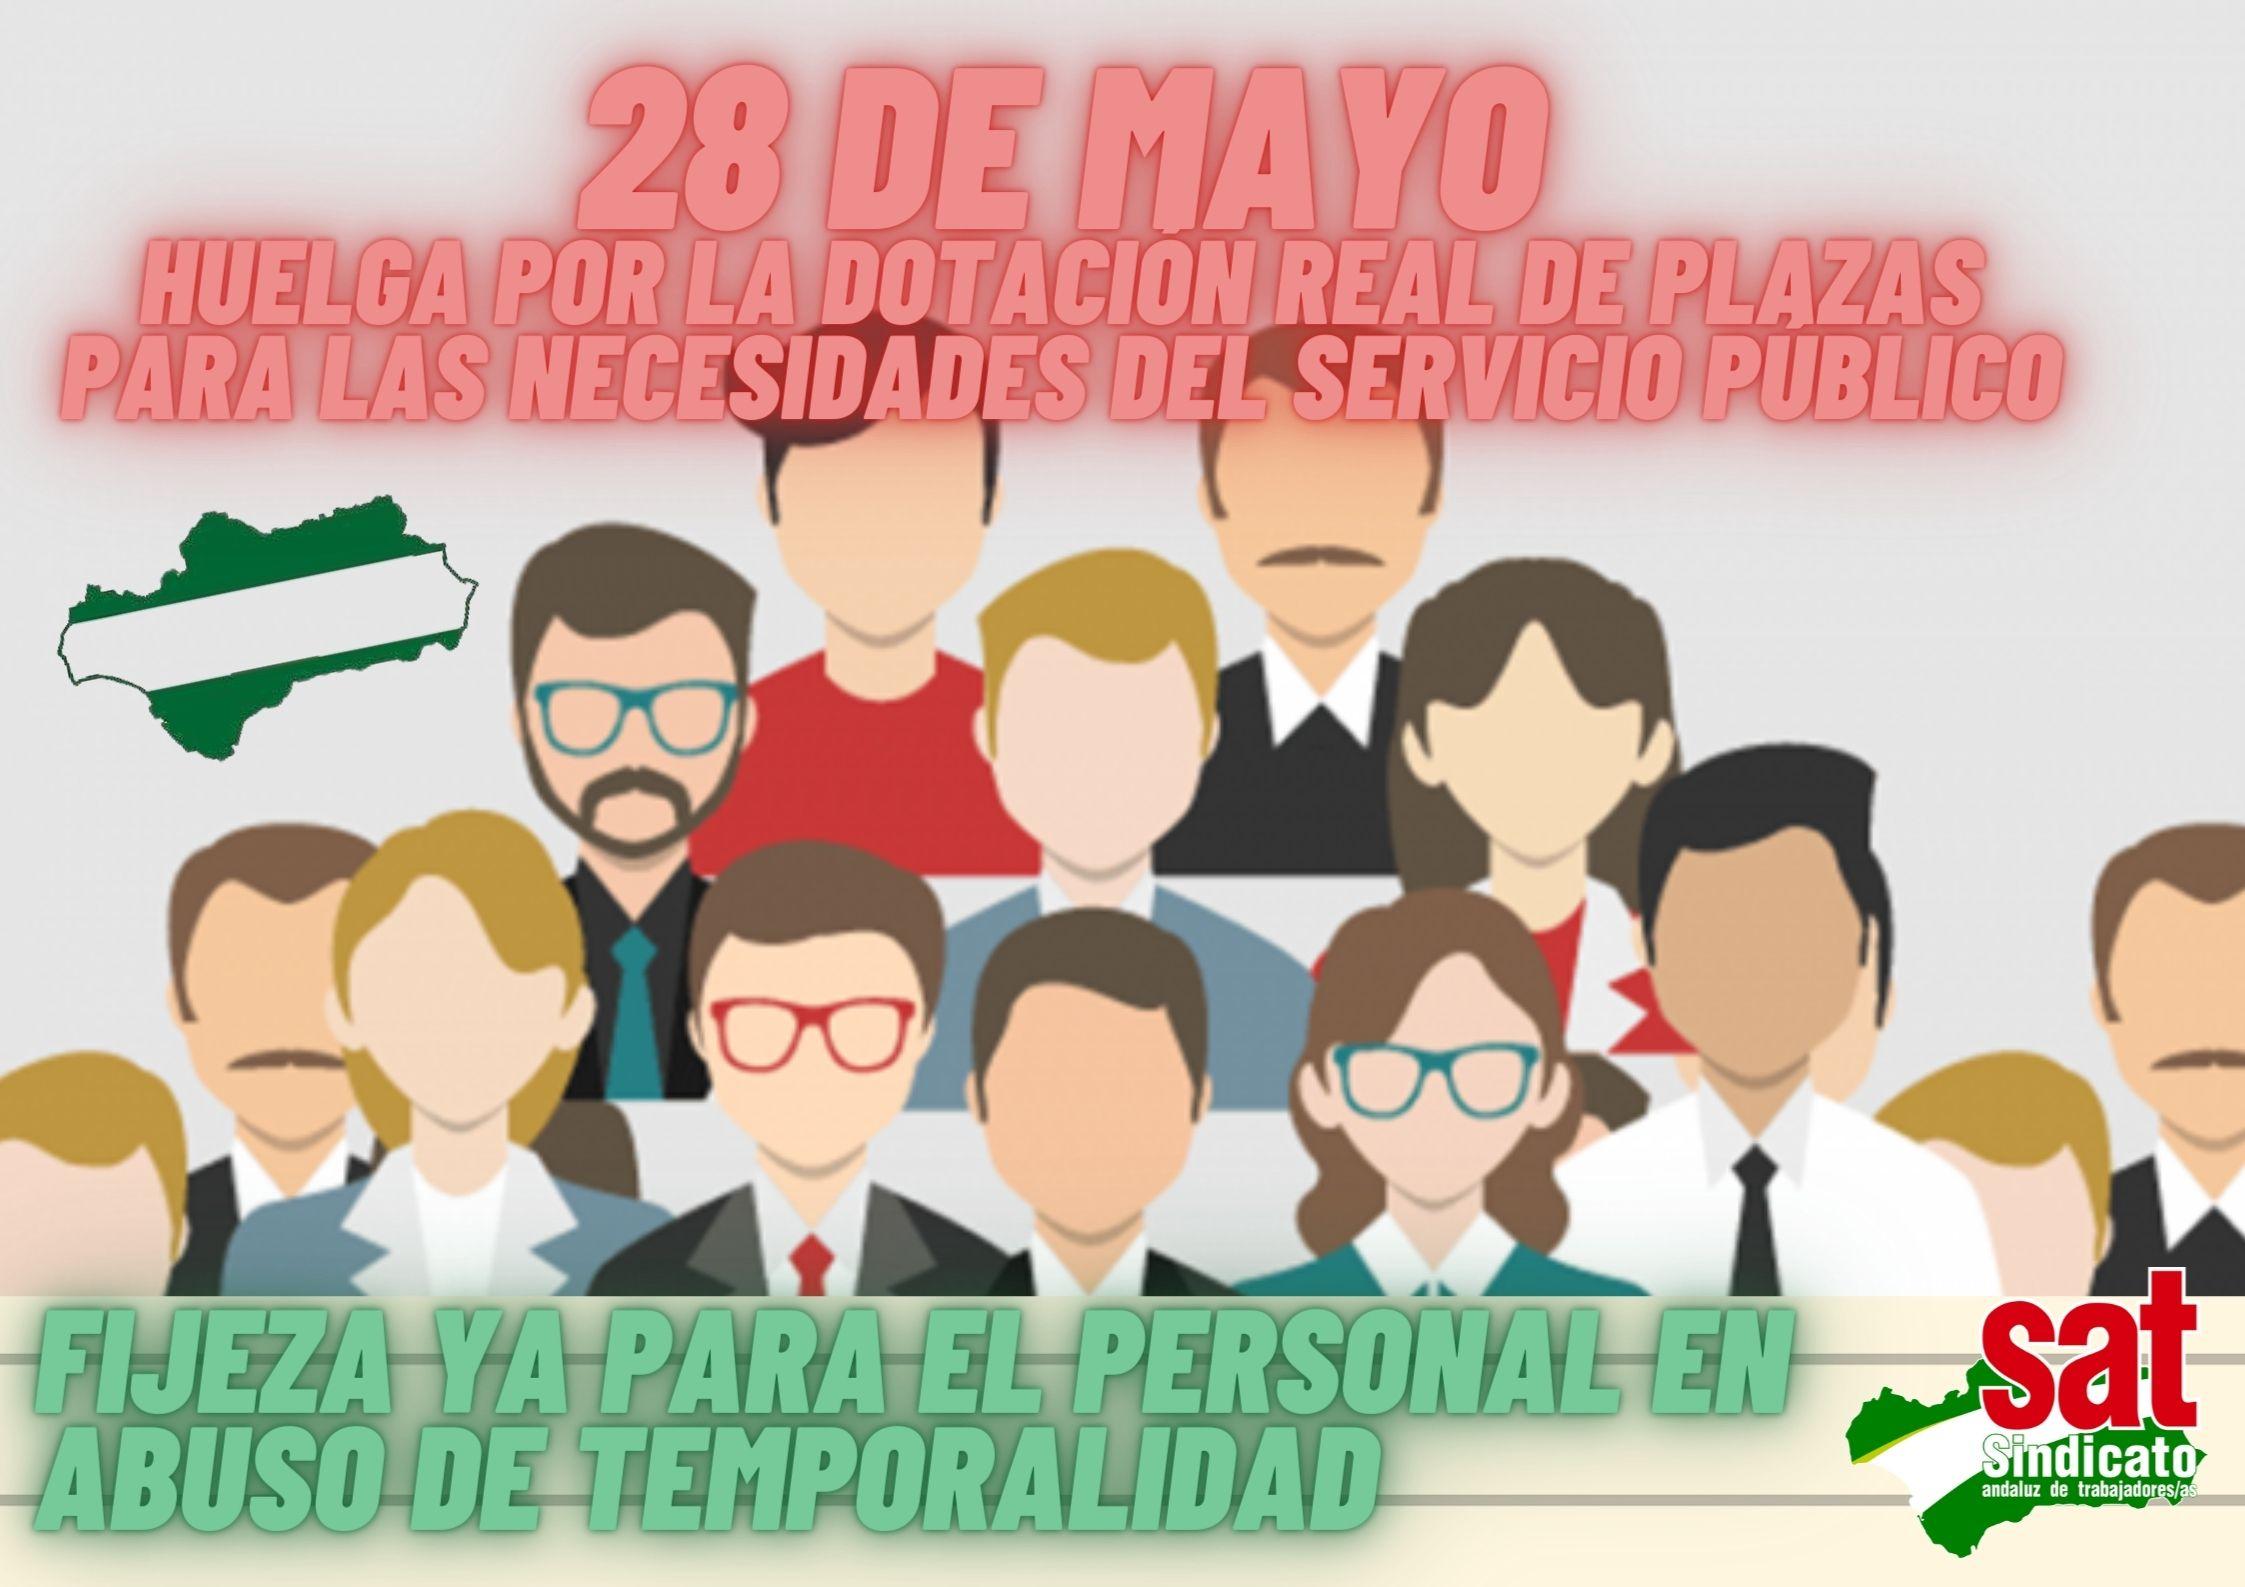 28 de mayo HUELGA POR LA DOTACIÓN REAL DE PLAZAS PARA LAS NECESIDADES DEL SERVICIO